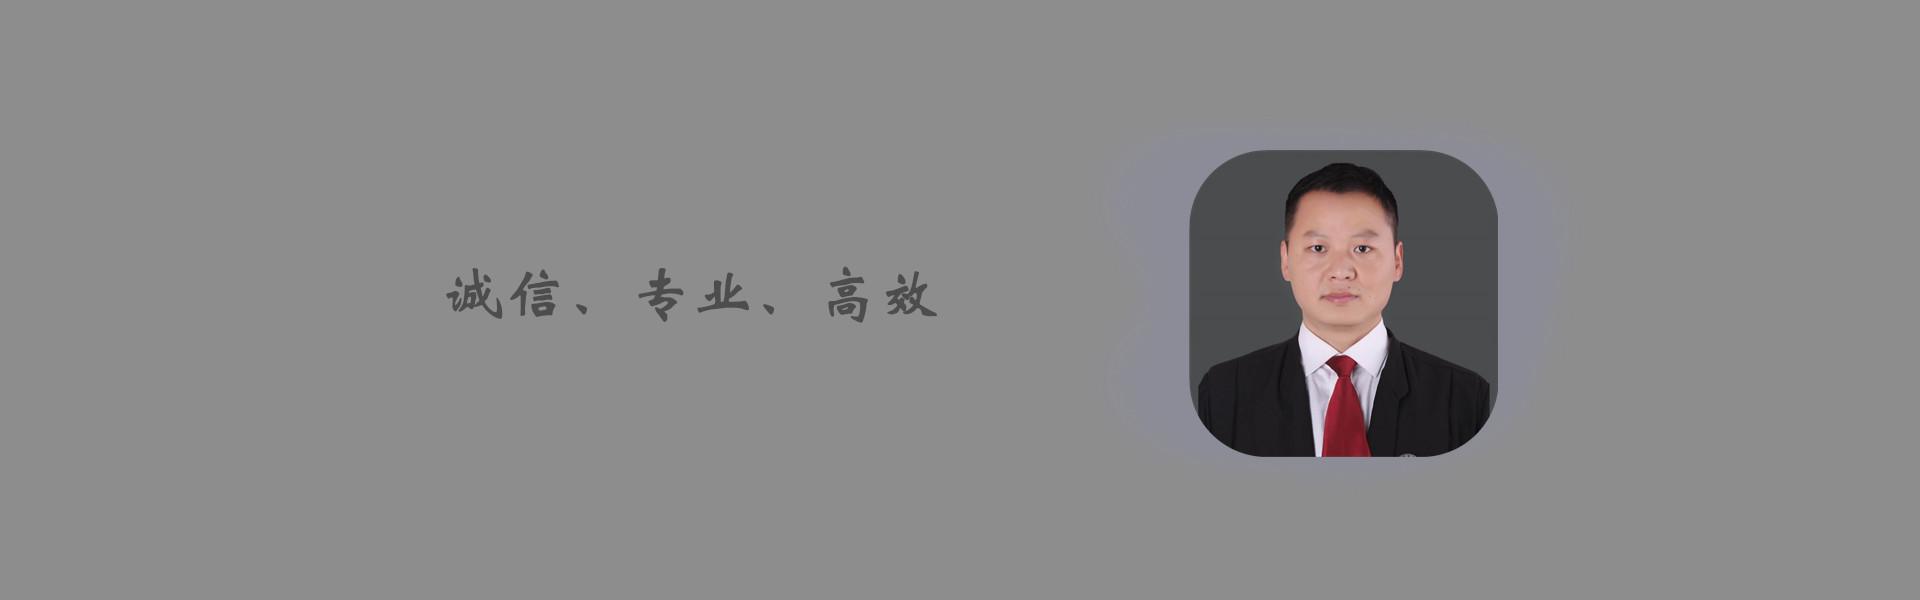 南京刑事律师大图二